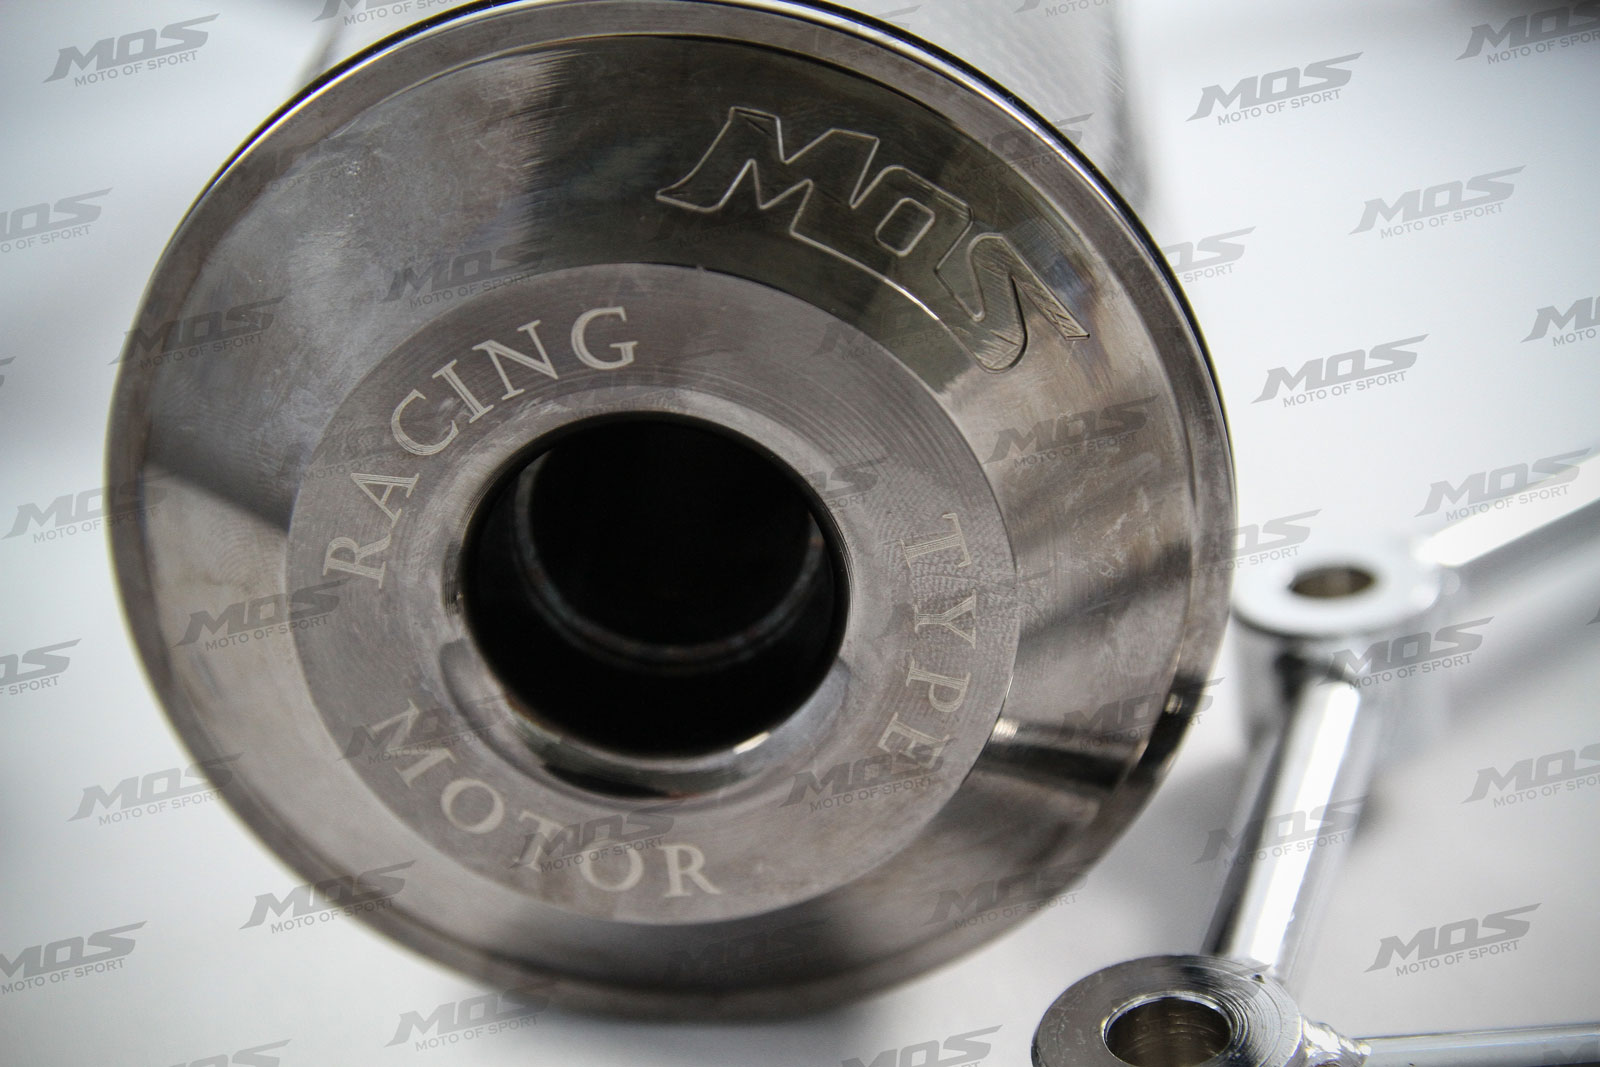 2009-2015 Yamaha Zuma 125cc Carbon Fiber Racing Muffler Sport